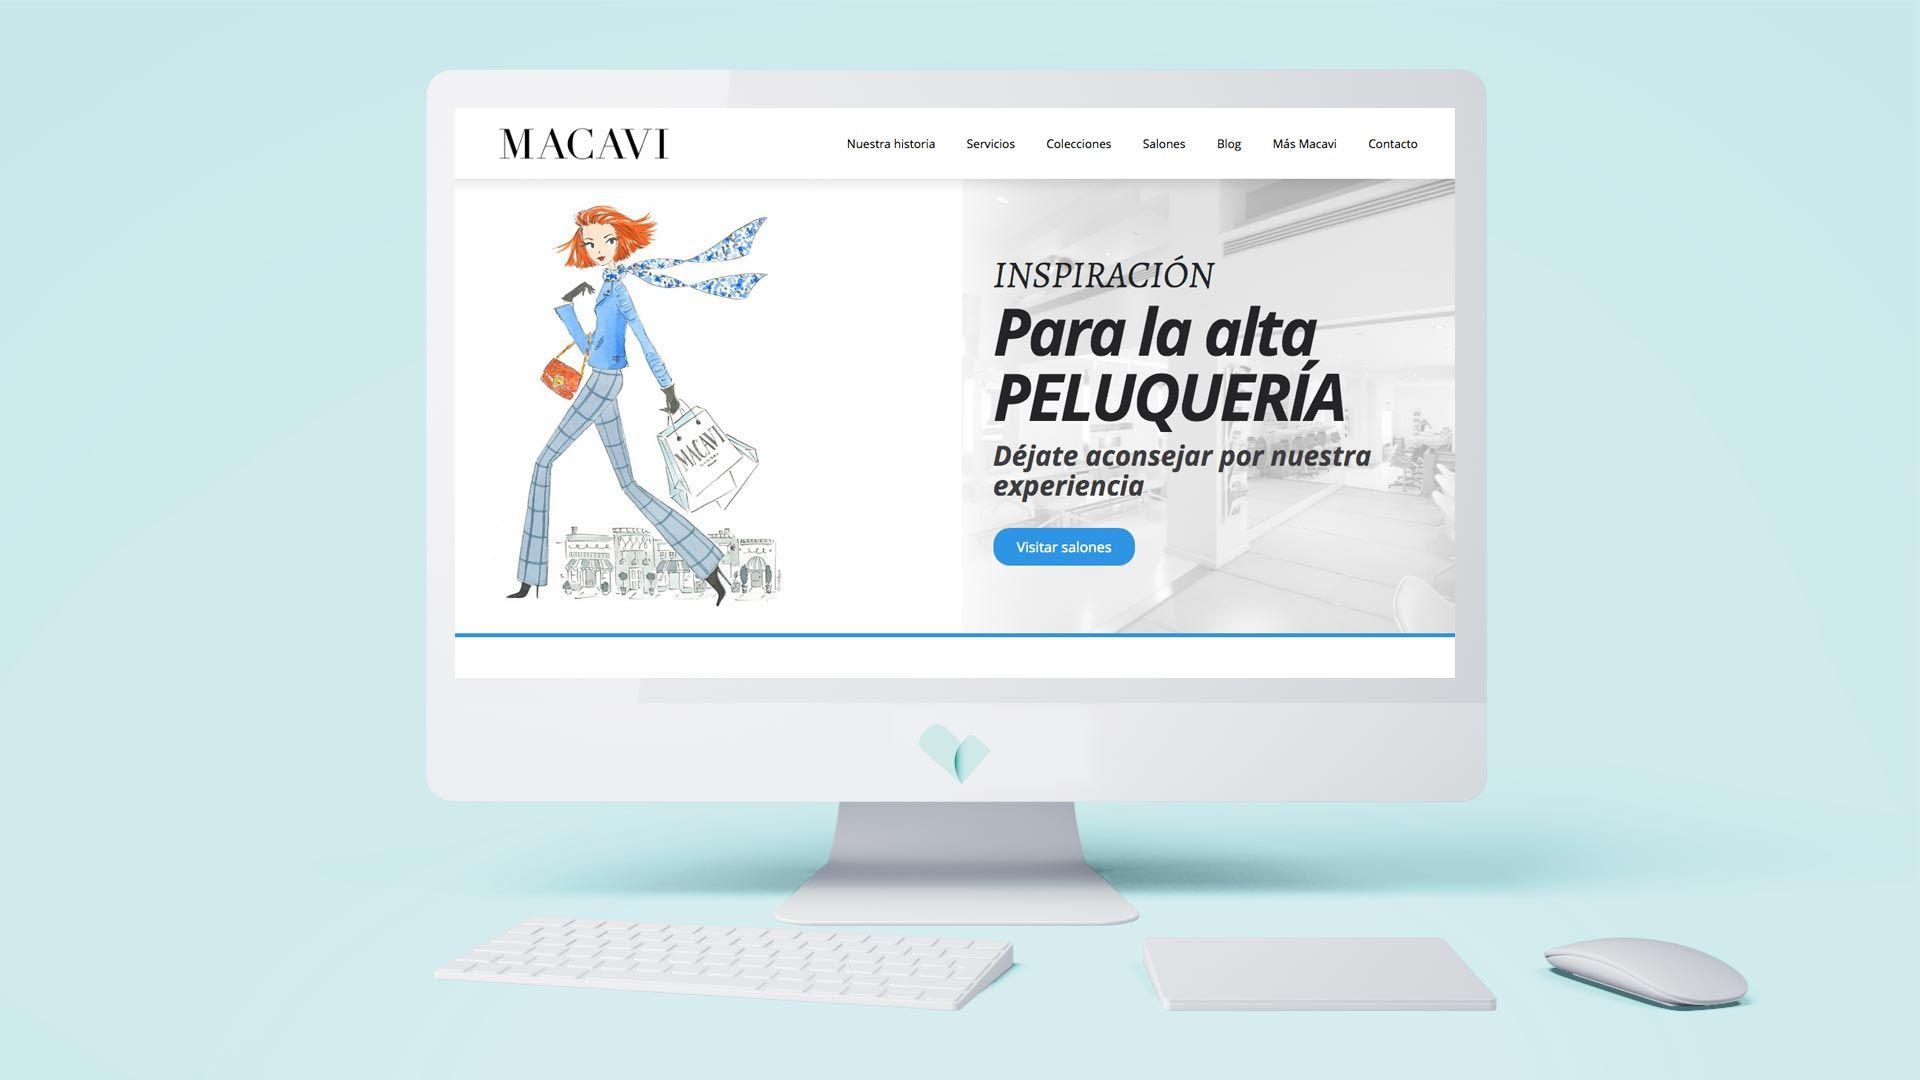 Pagina web para macavi, grupo de salones de peluquería